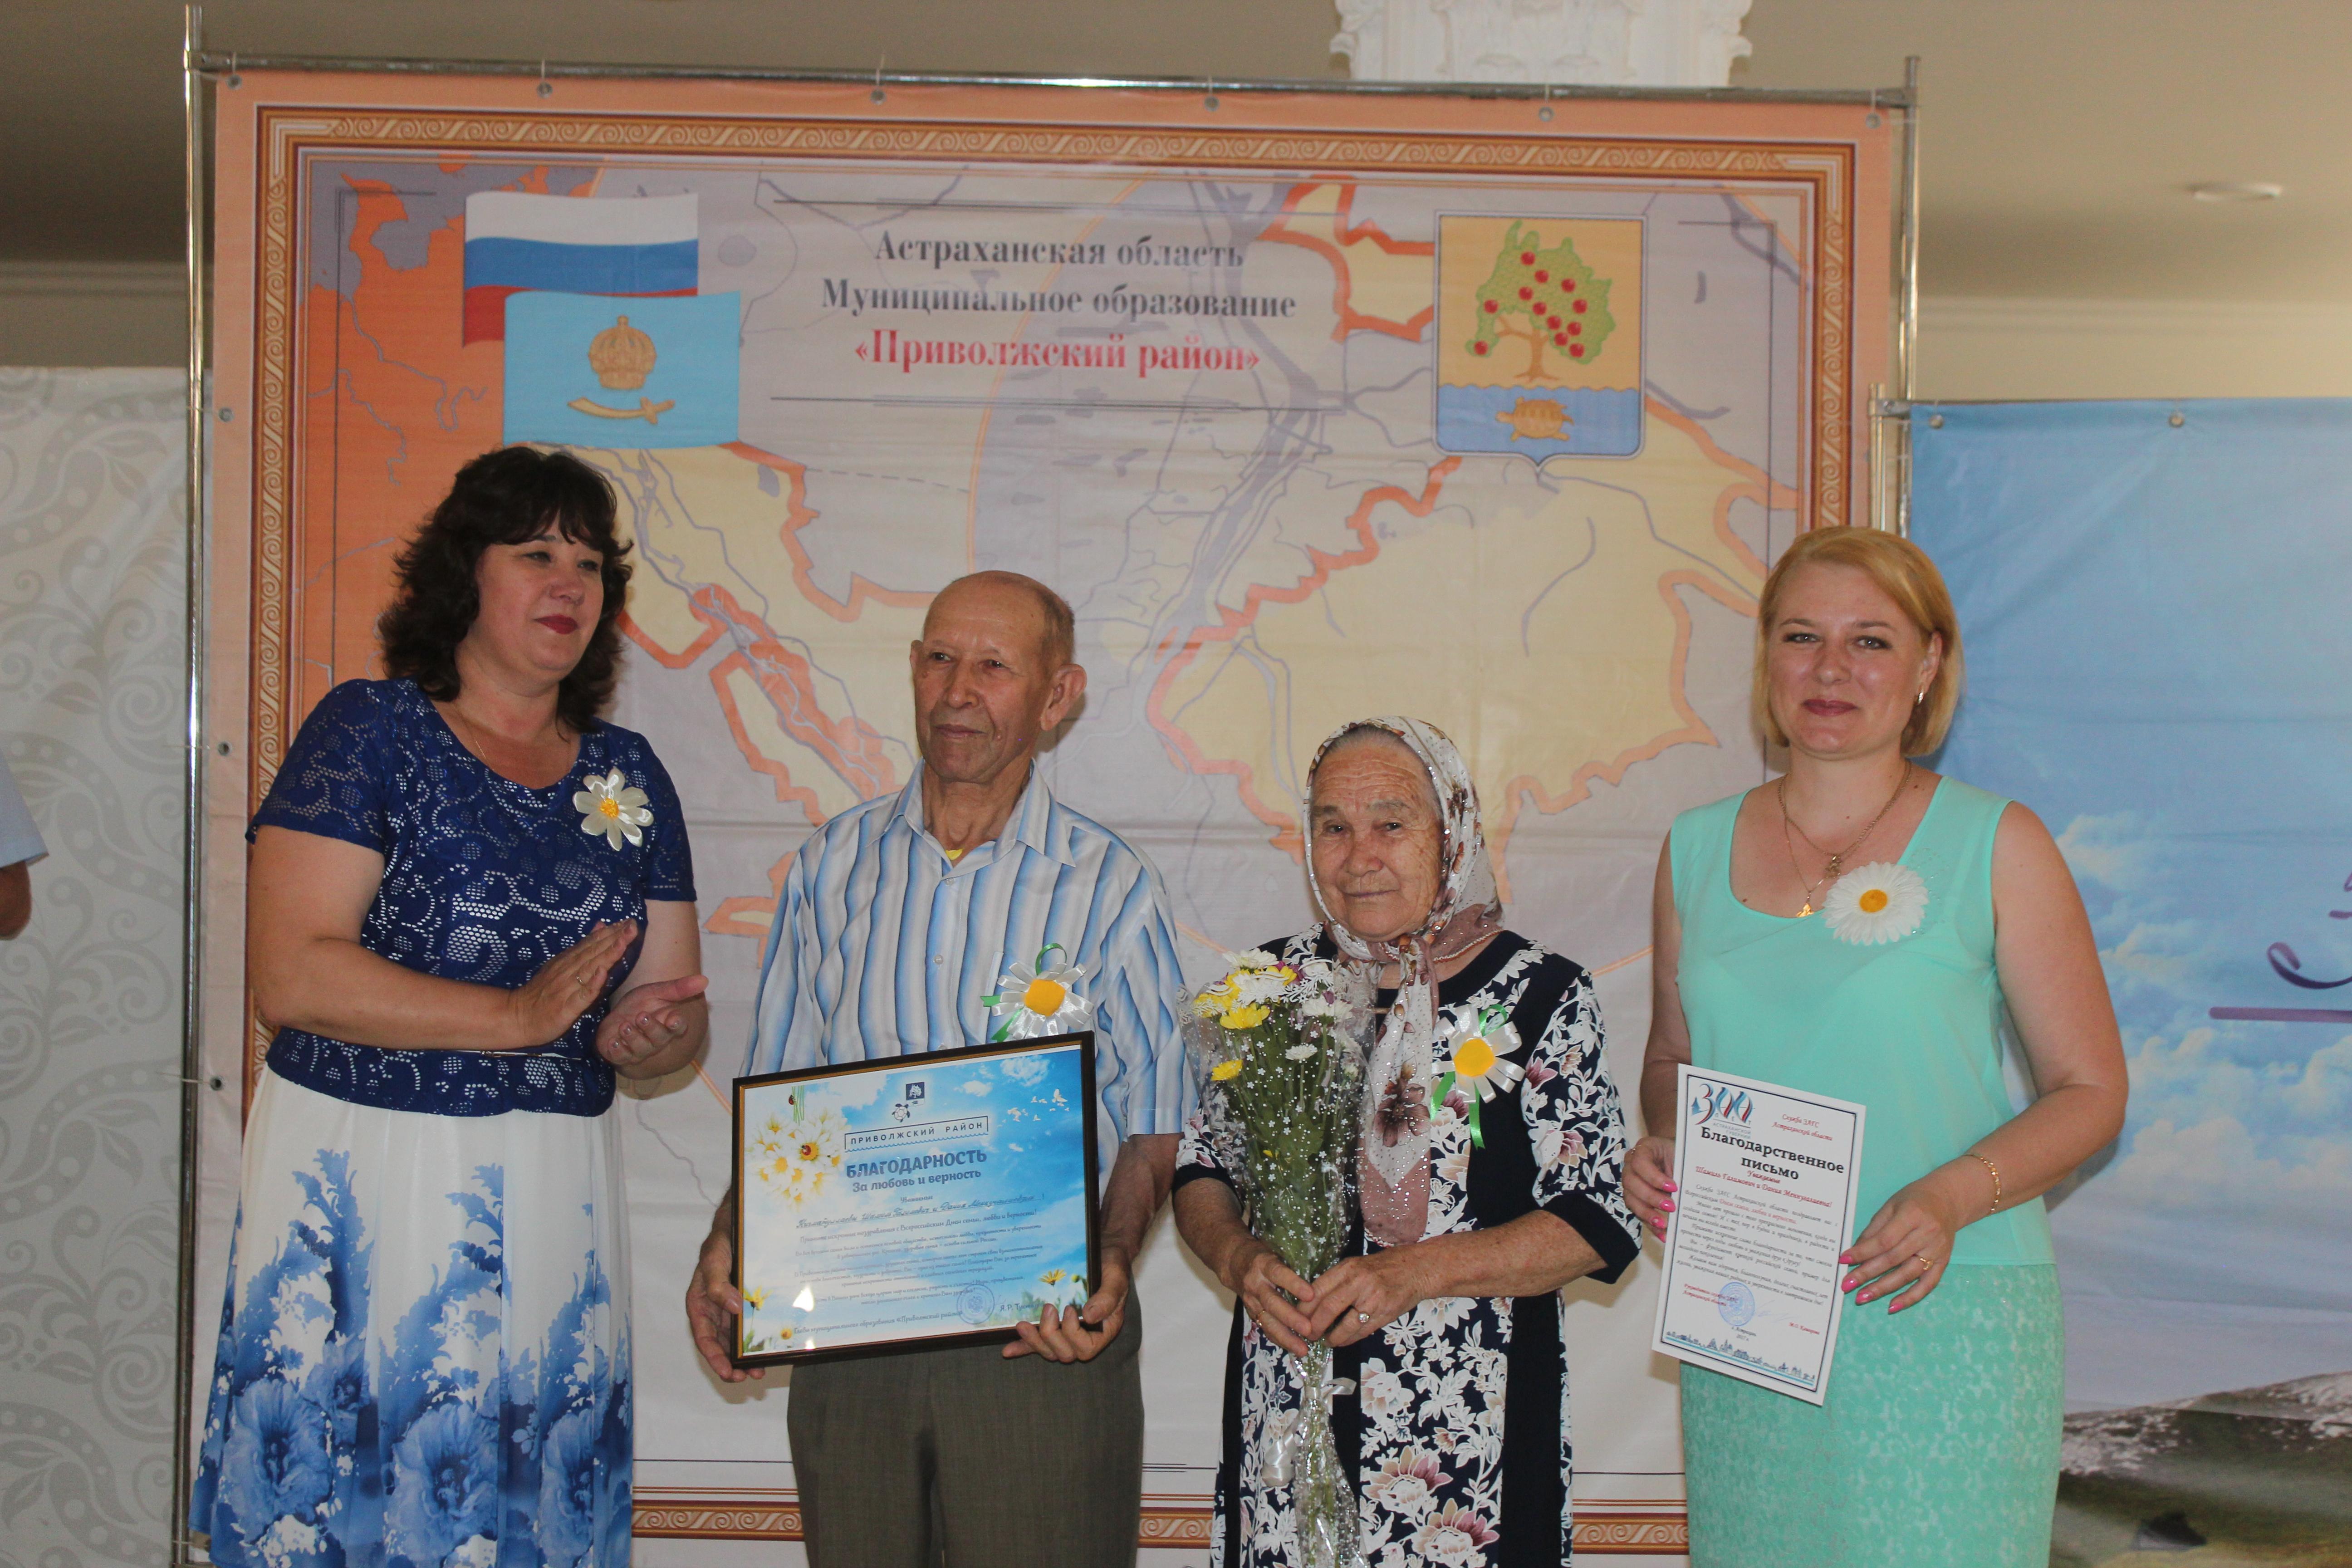 Празднование Дня семьи, любви и верности  в Приволжском районе